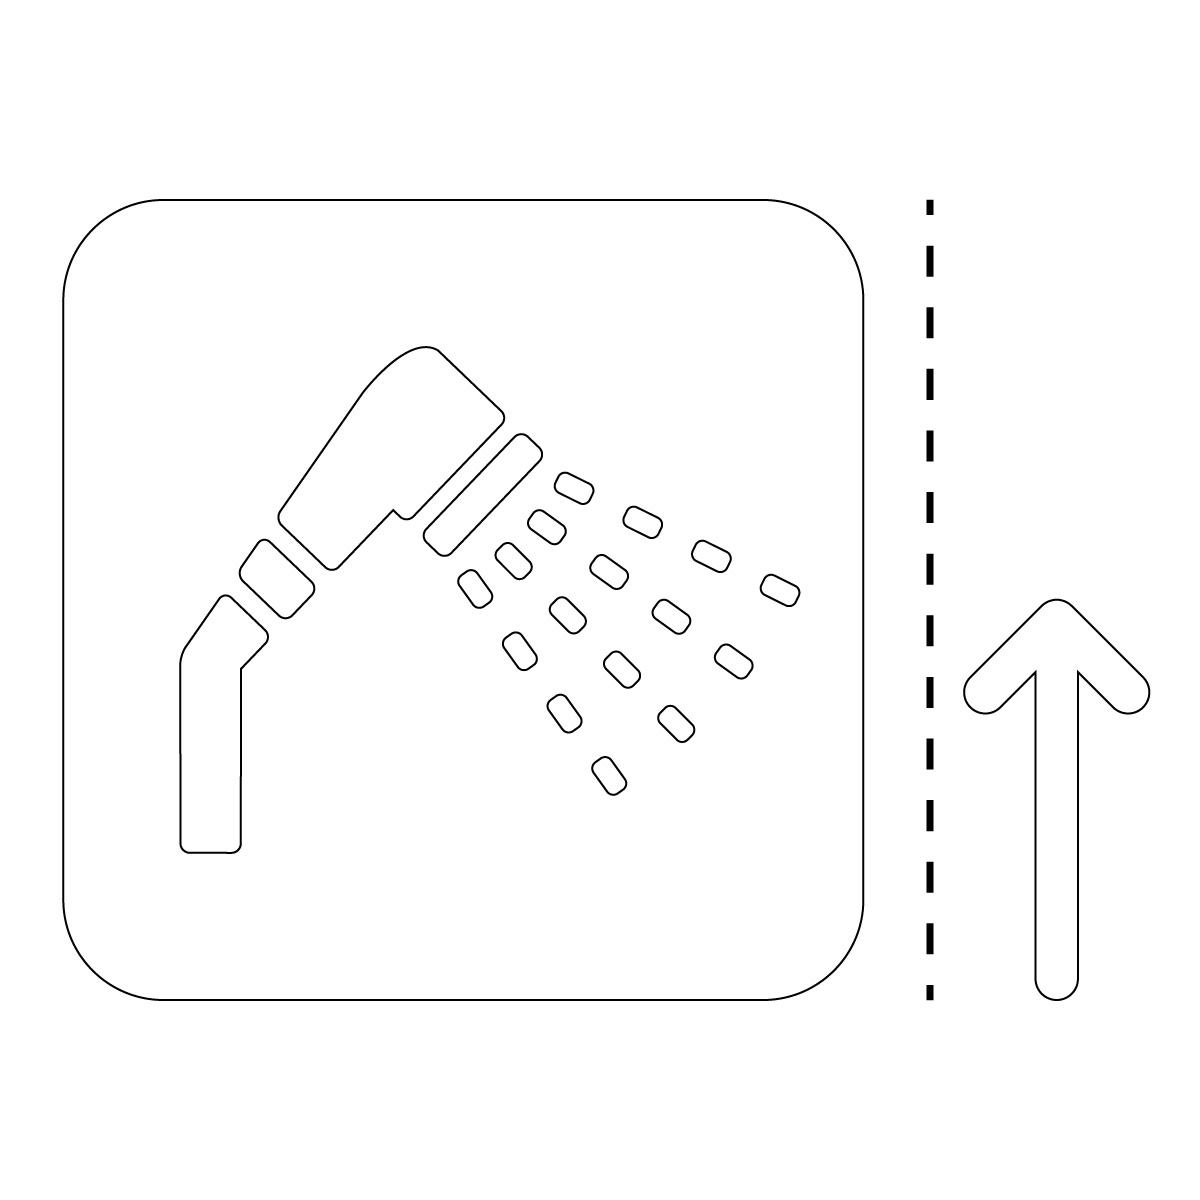 白色のシャワールーム案内マーク(矢印付き)のカッティングステッカー